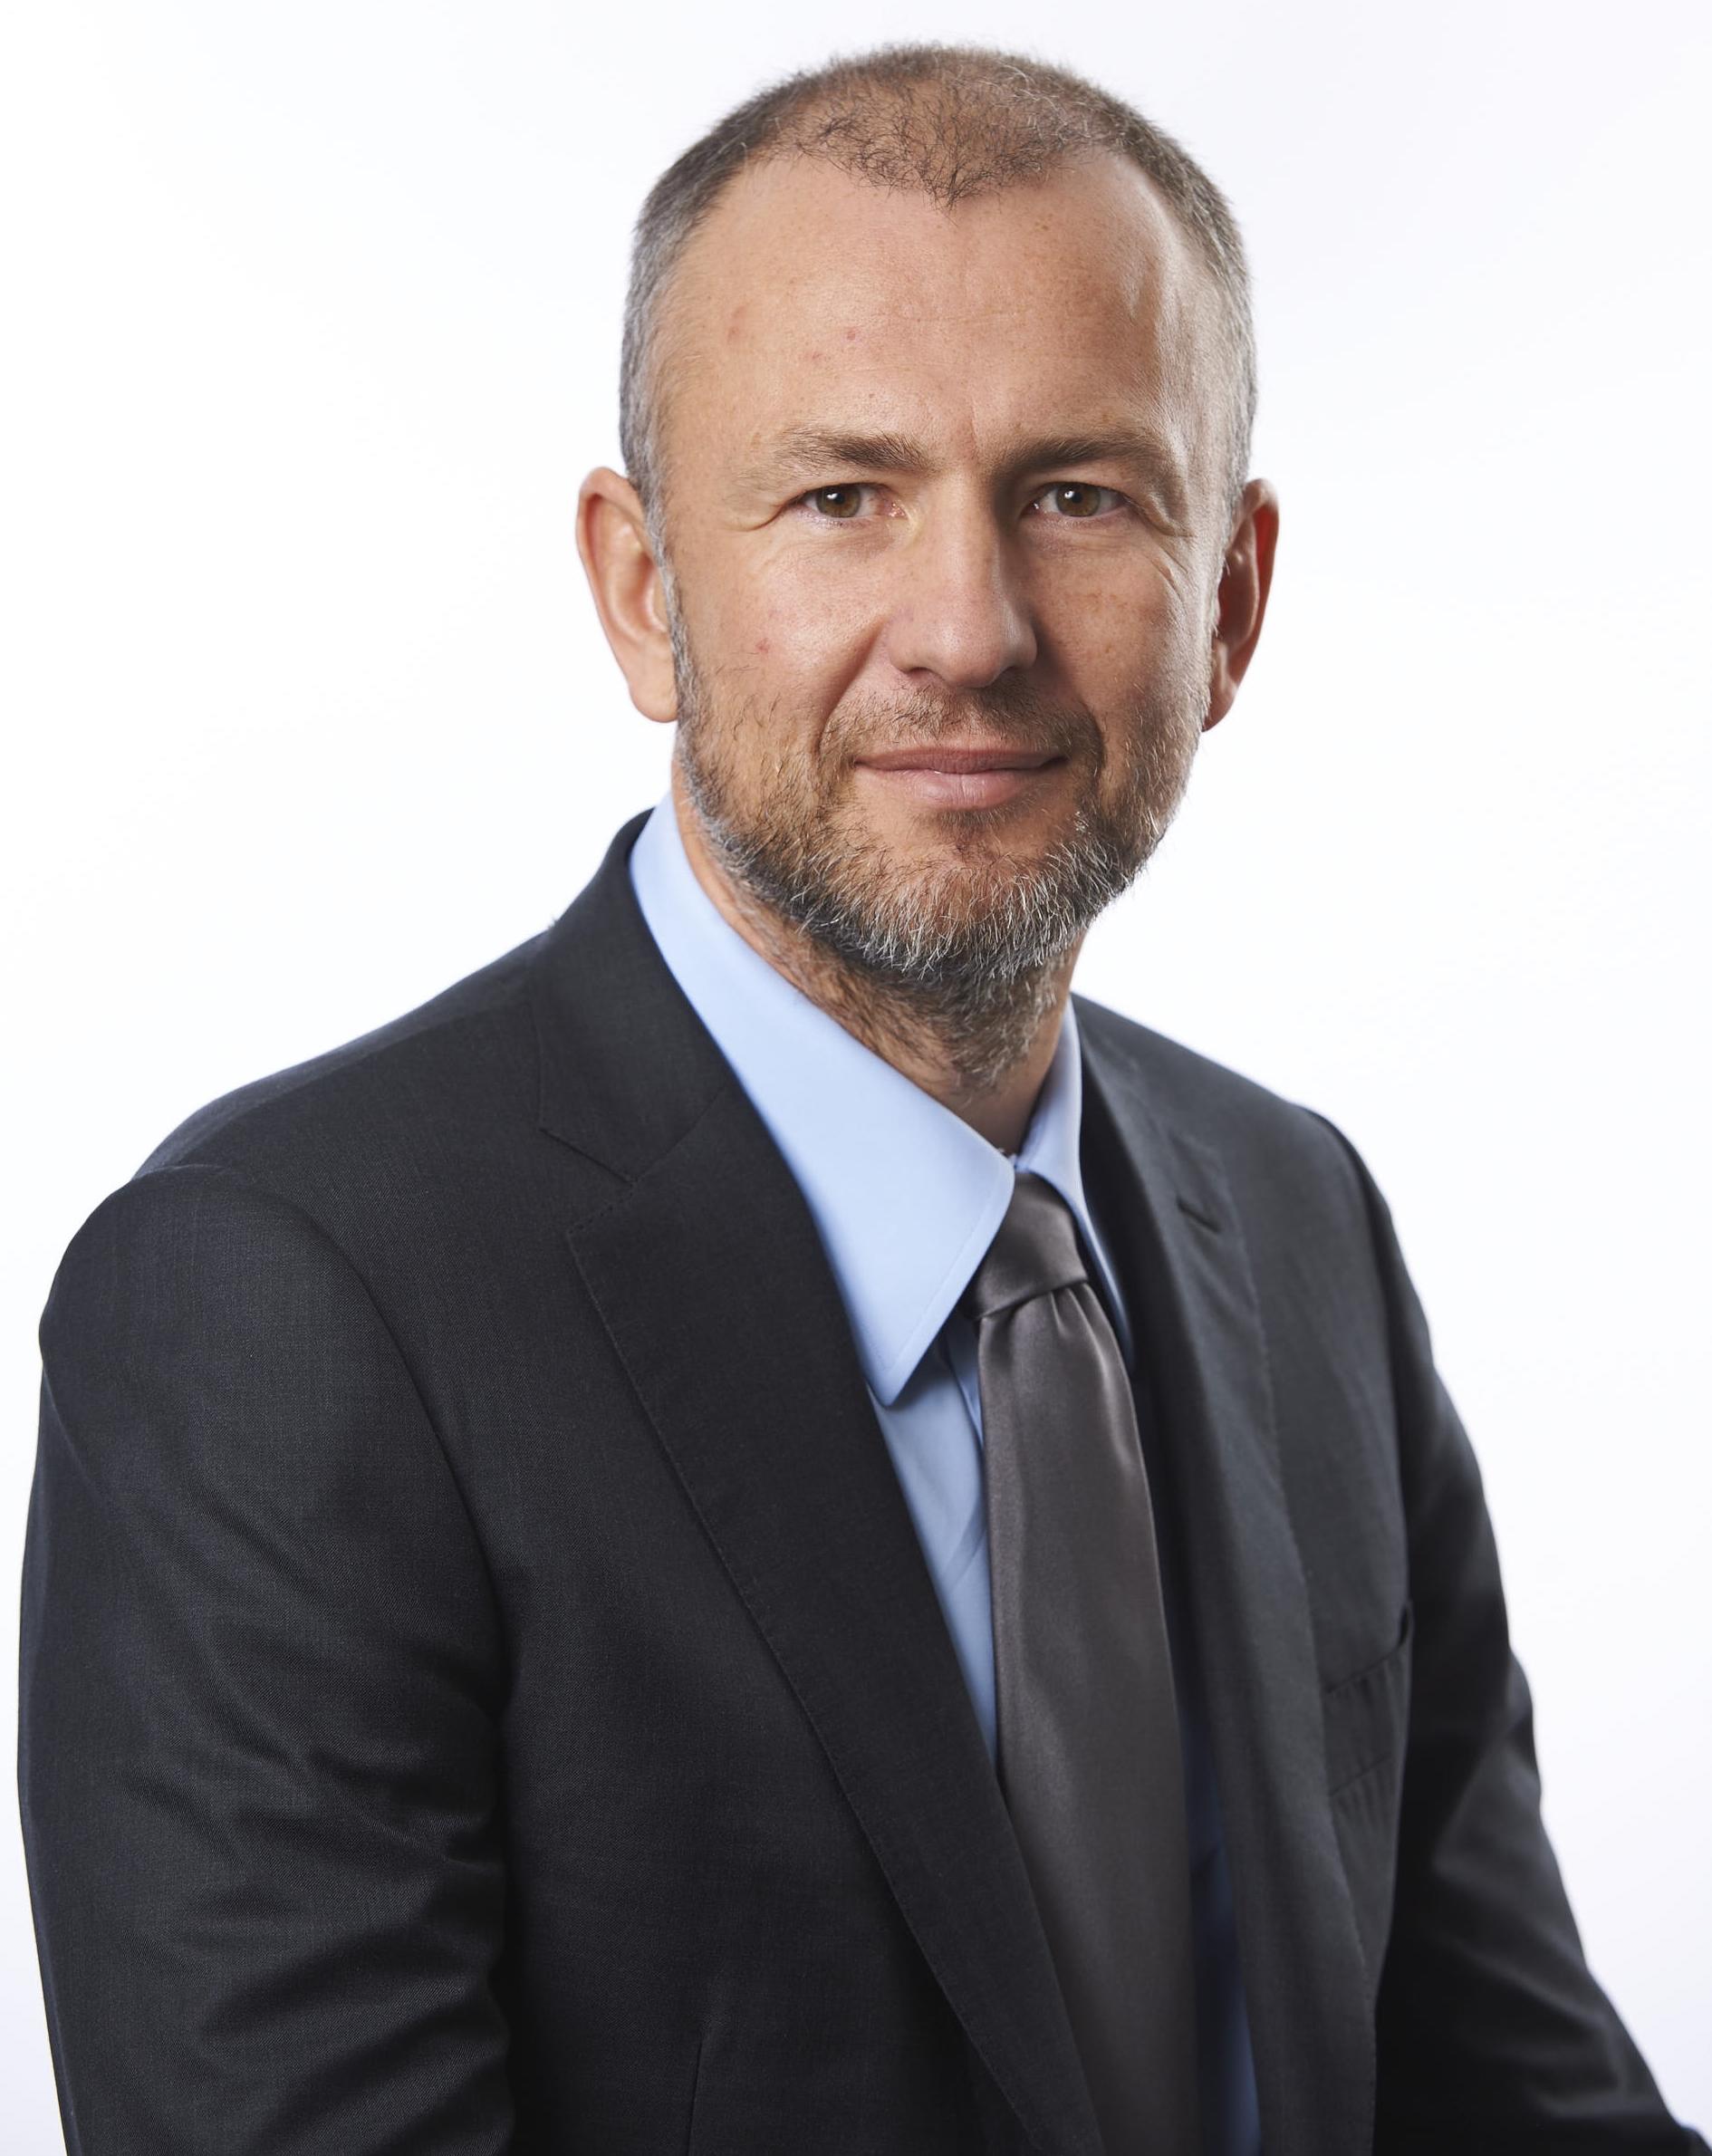 Andrey Melnichenko (industrialist) - Wikipedia